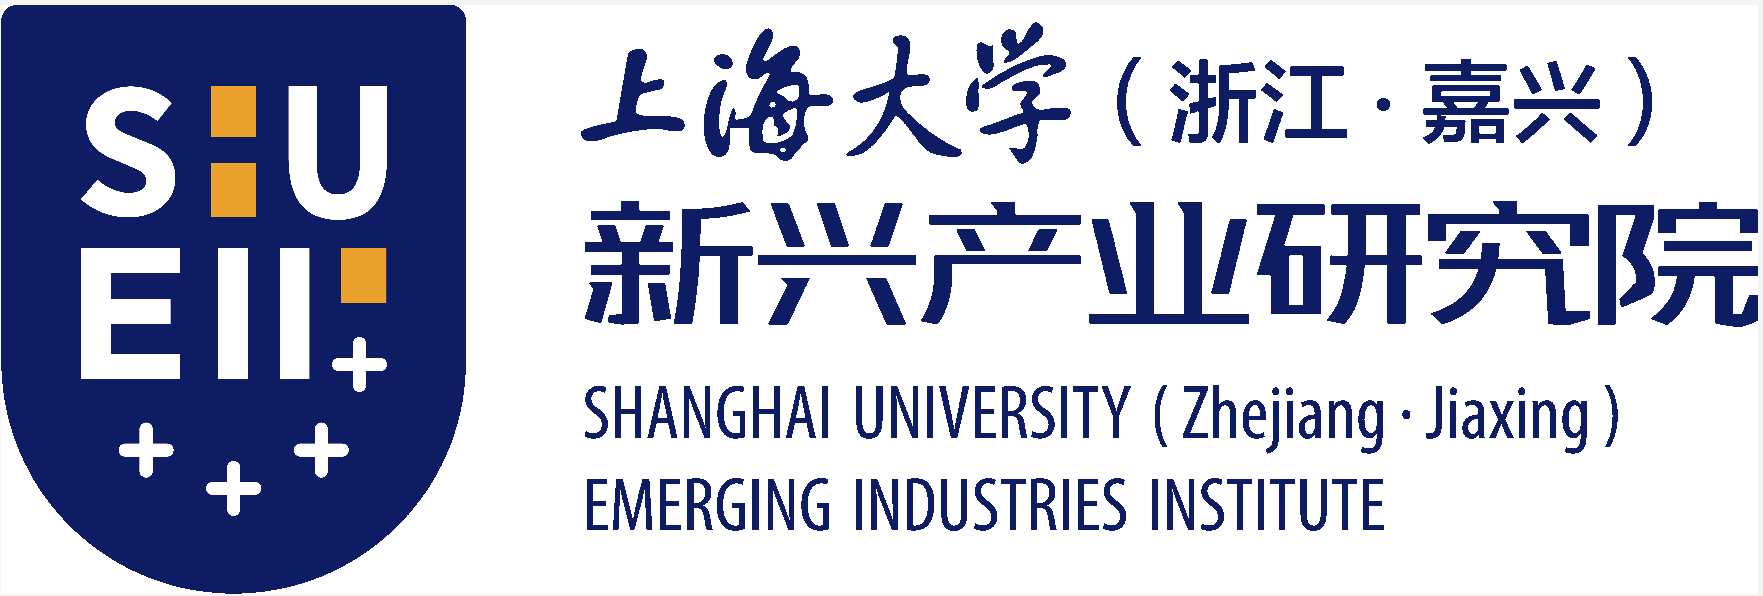 上海大学(浙江嘉兴)新业产业研究院